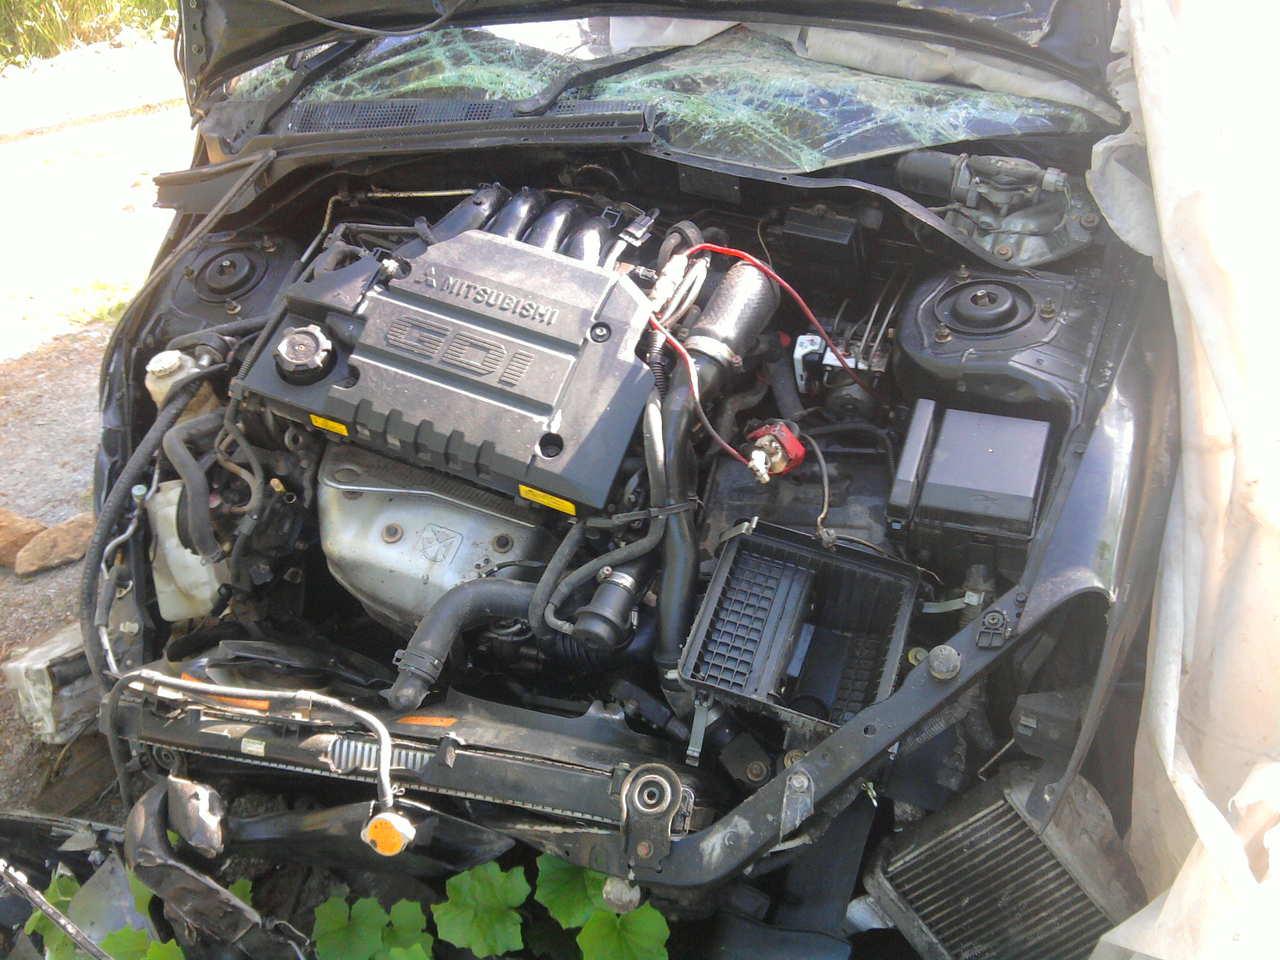 Mitsubishi 2004 mitsubishi lancer engine : Used 2004 Mitsubishi Lancer Cedia Wagon Photos, 1800cc., Gasoline ...